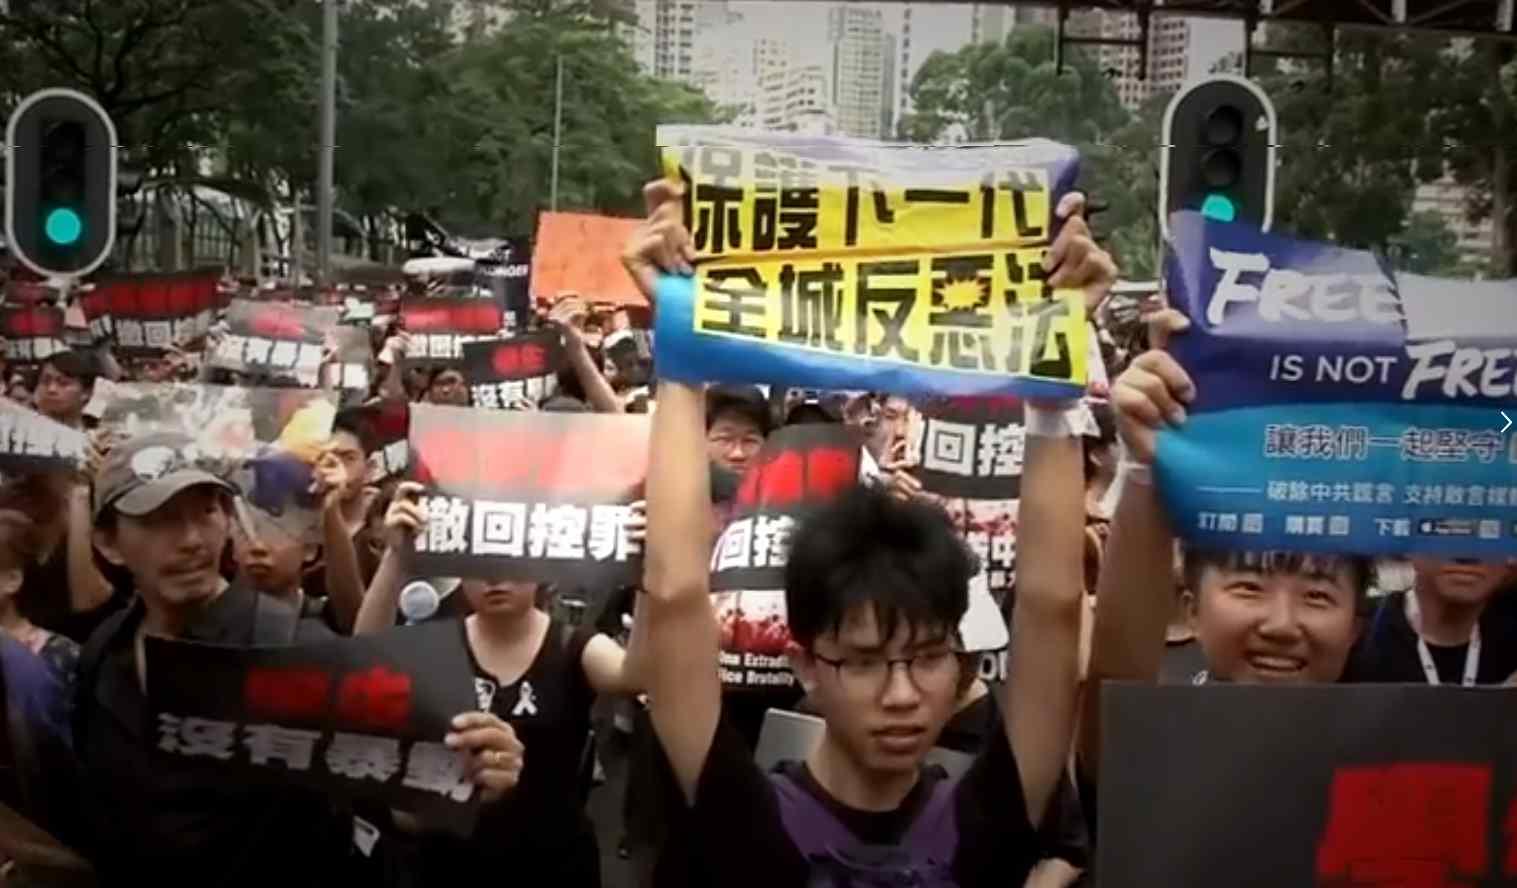 A Hong Kong la protesta continua: adesso la popolazione chiede le dimissioni di Carrie Lam